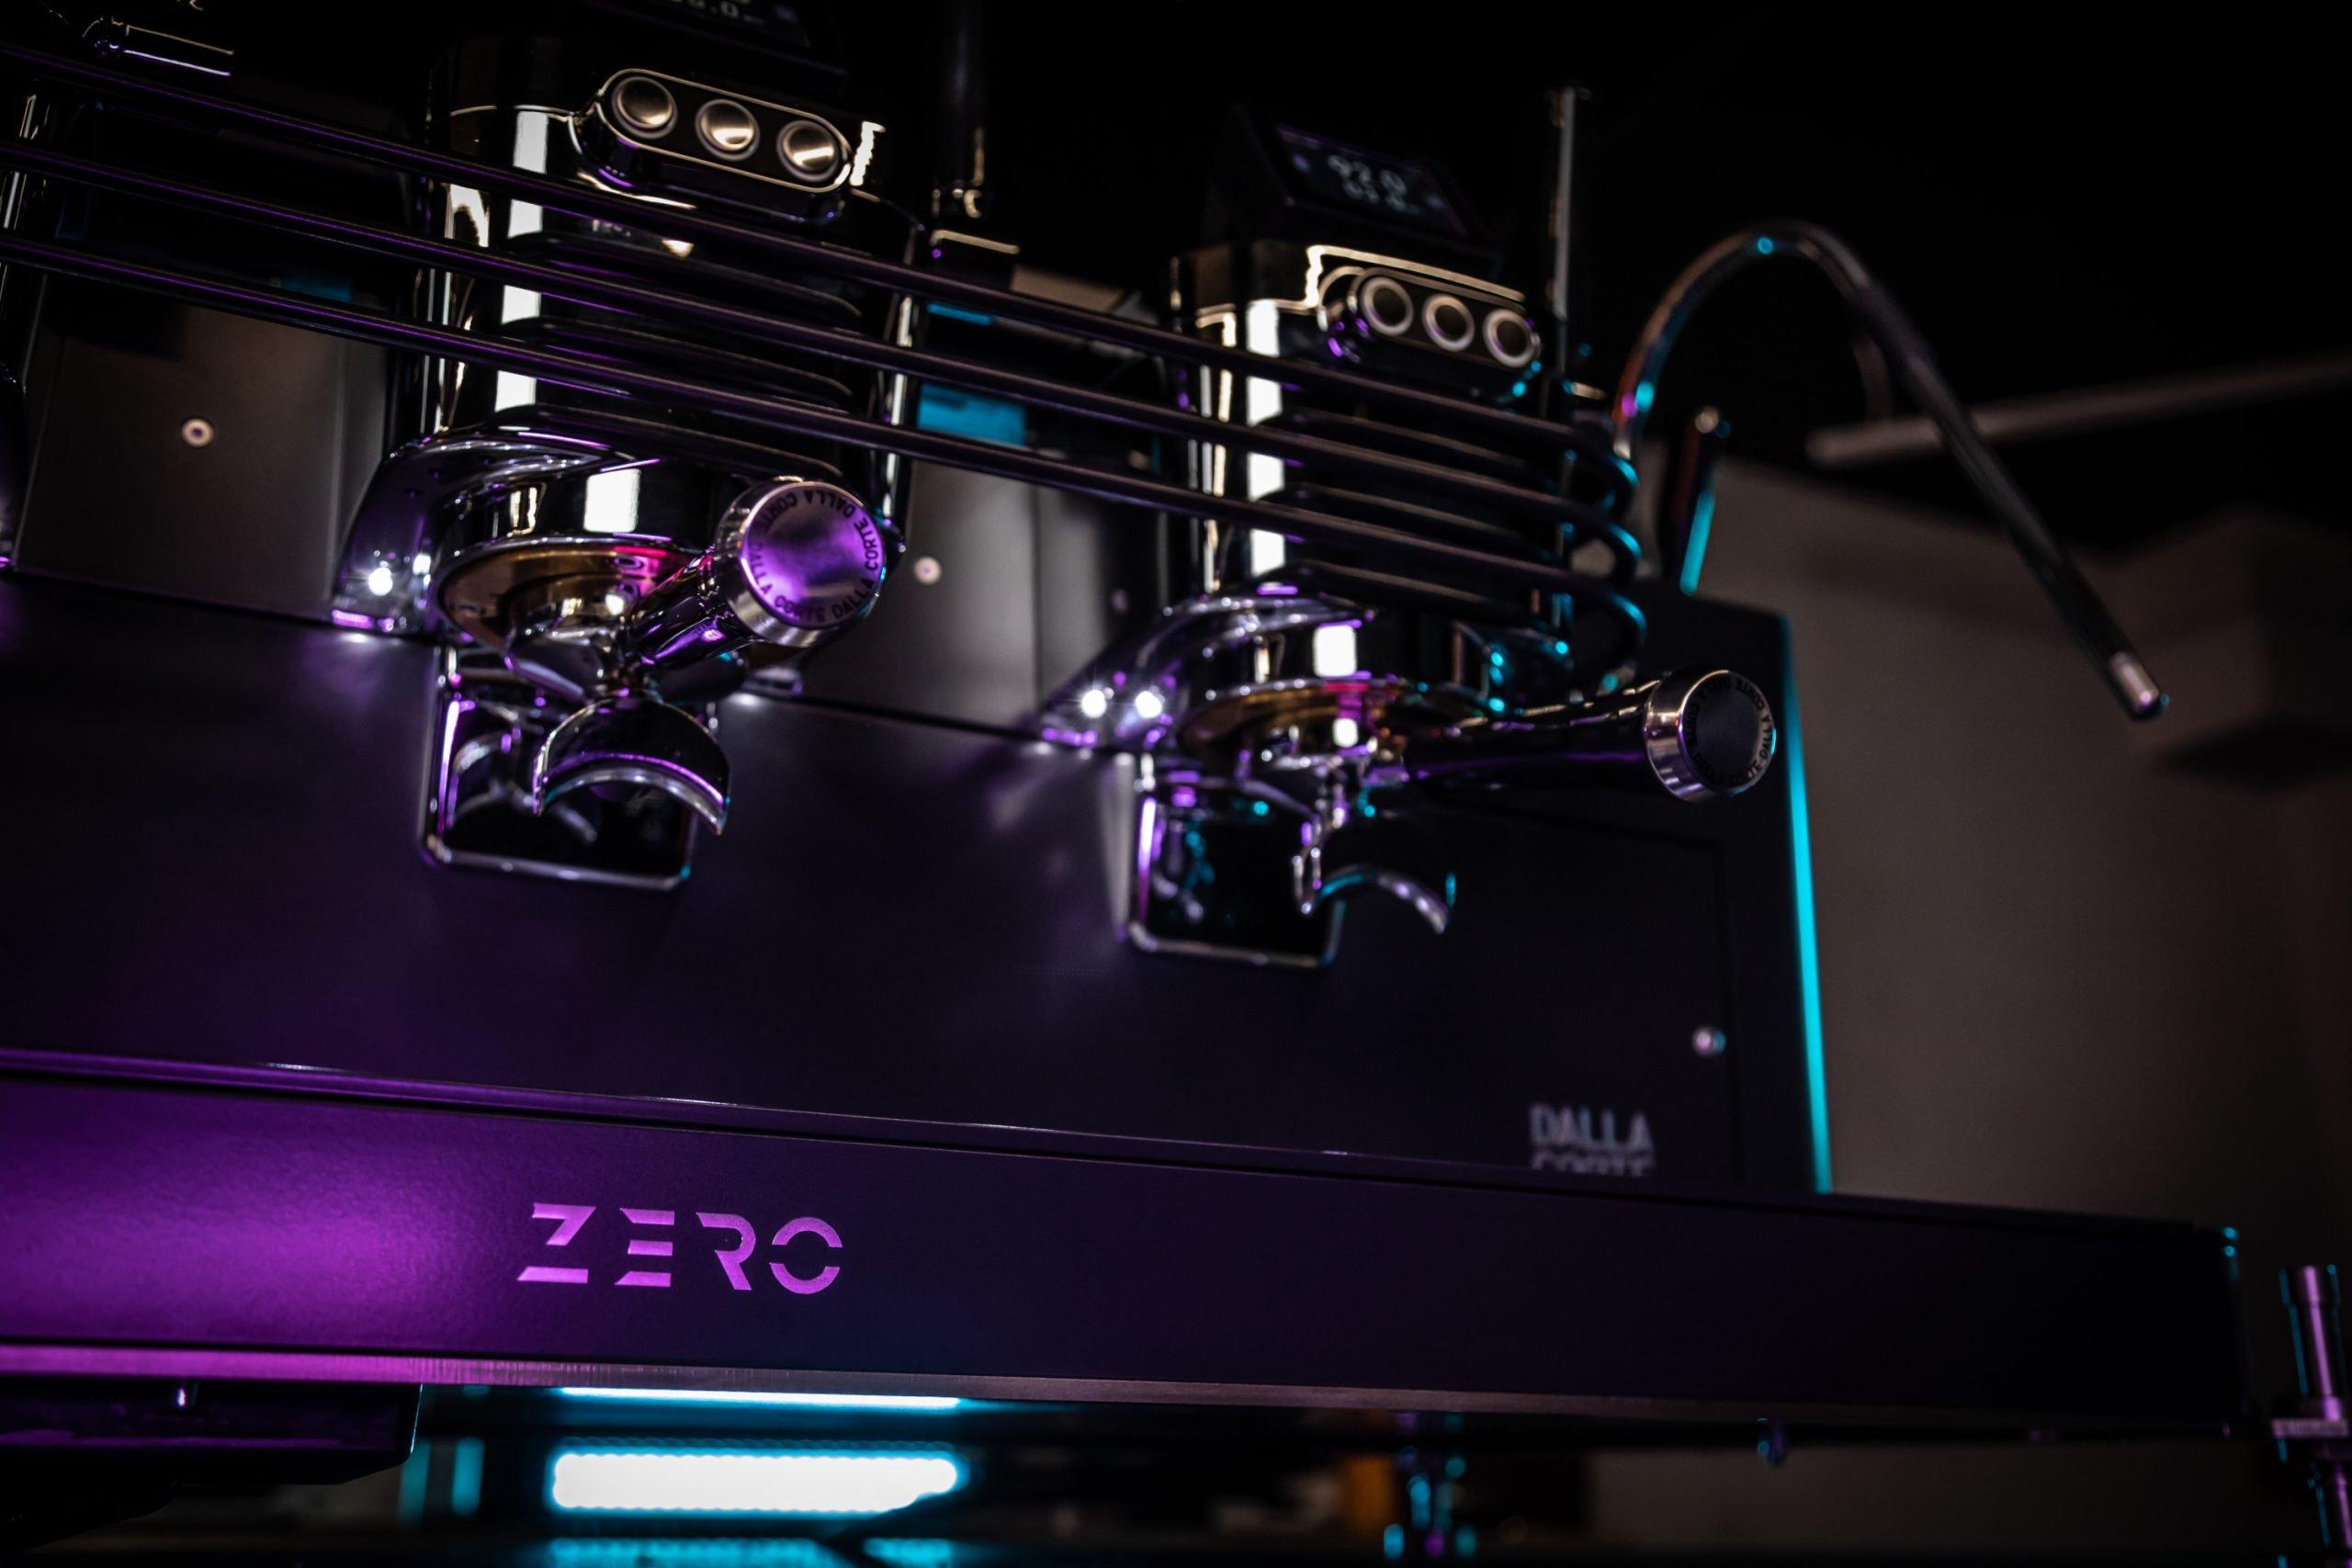 Dalla Corte USA Debuts the Zero Barista in North America